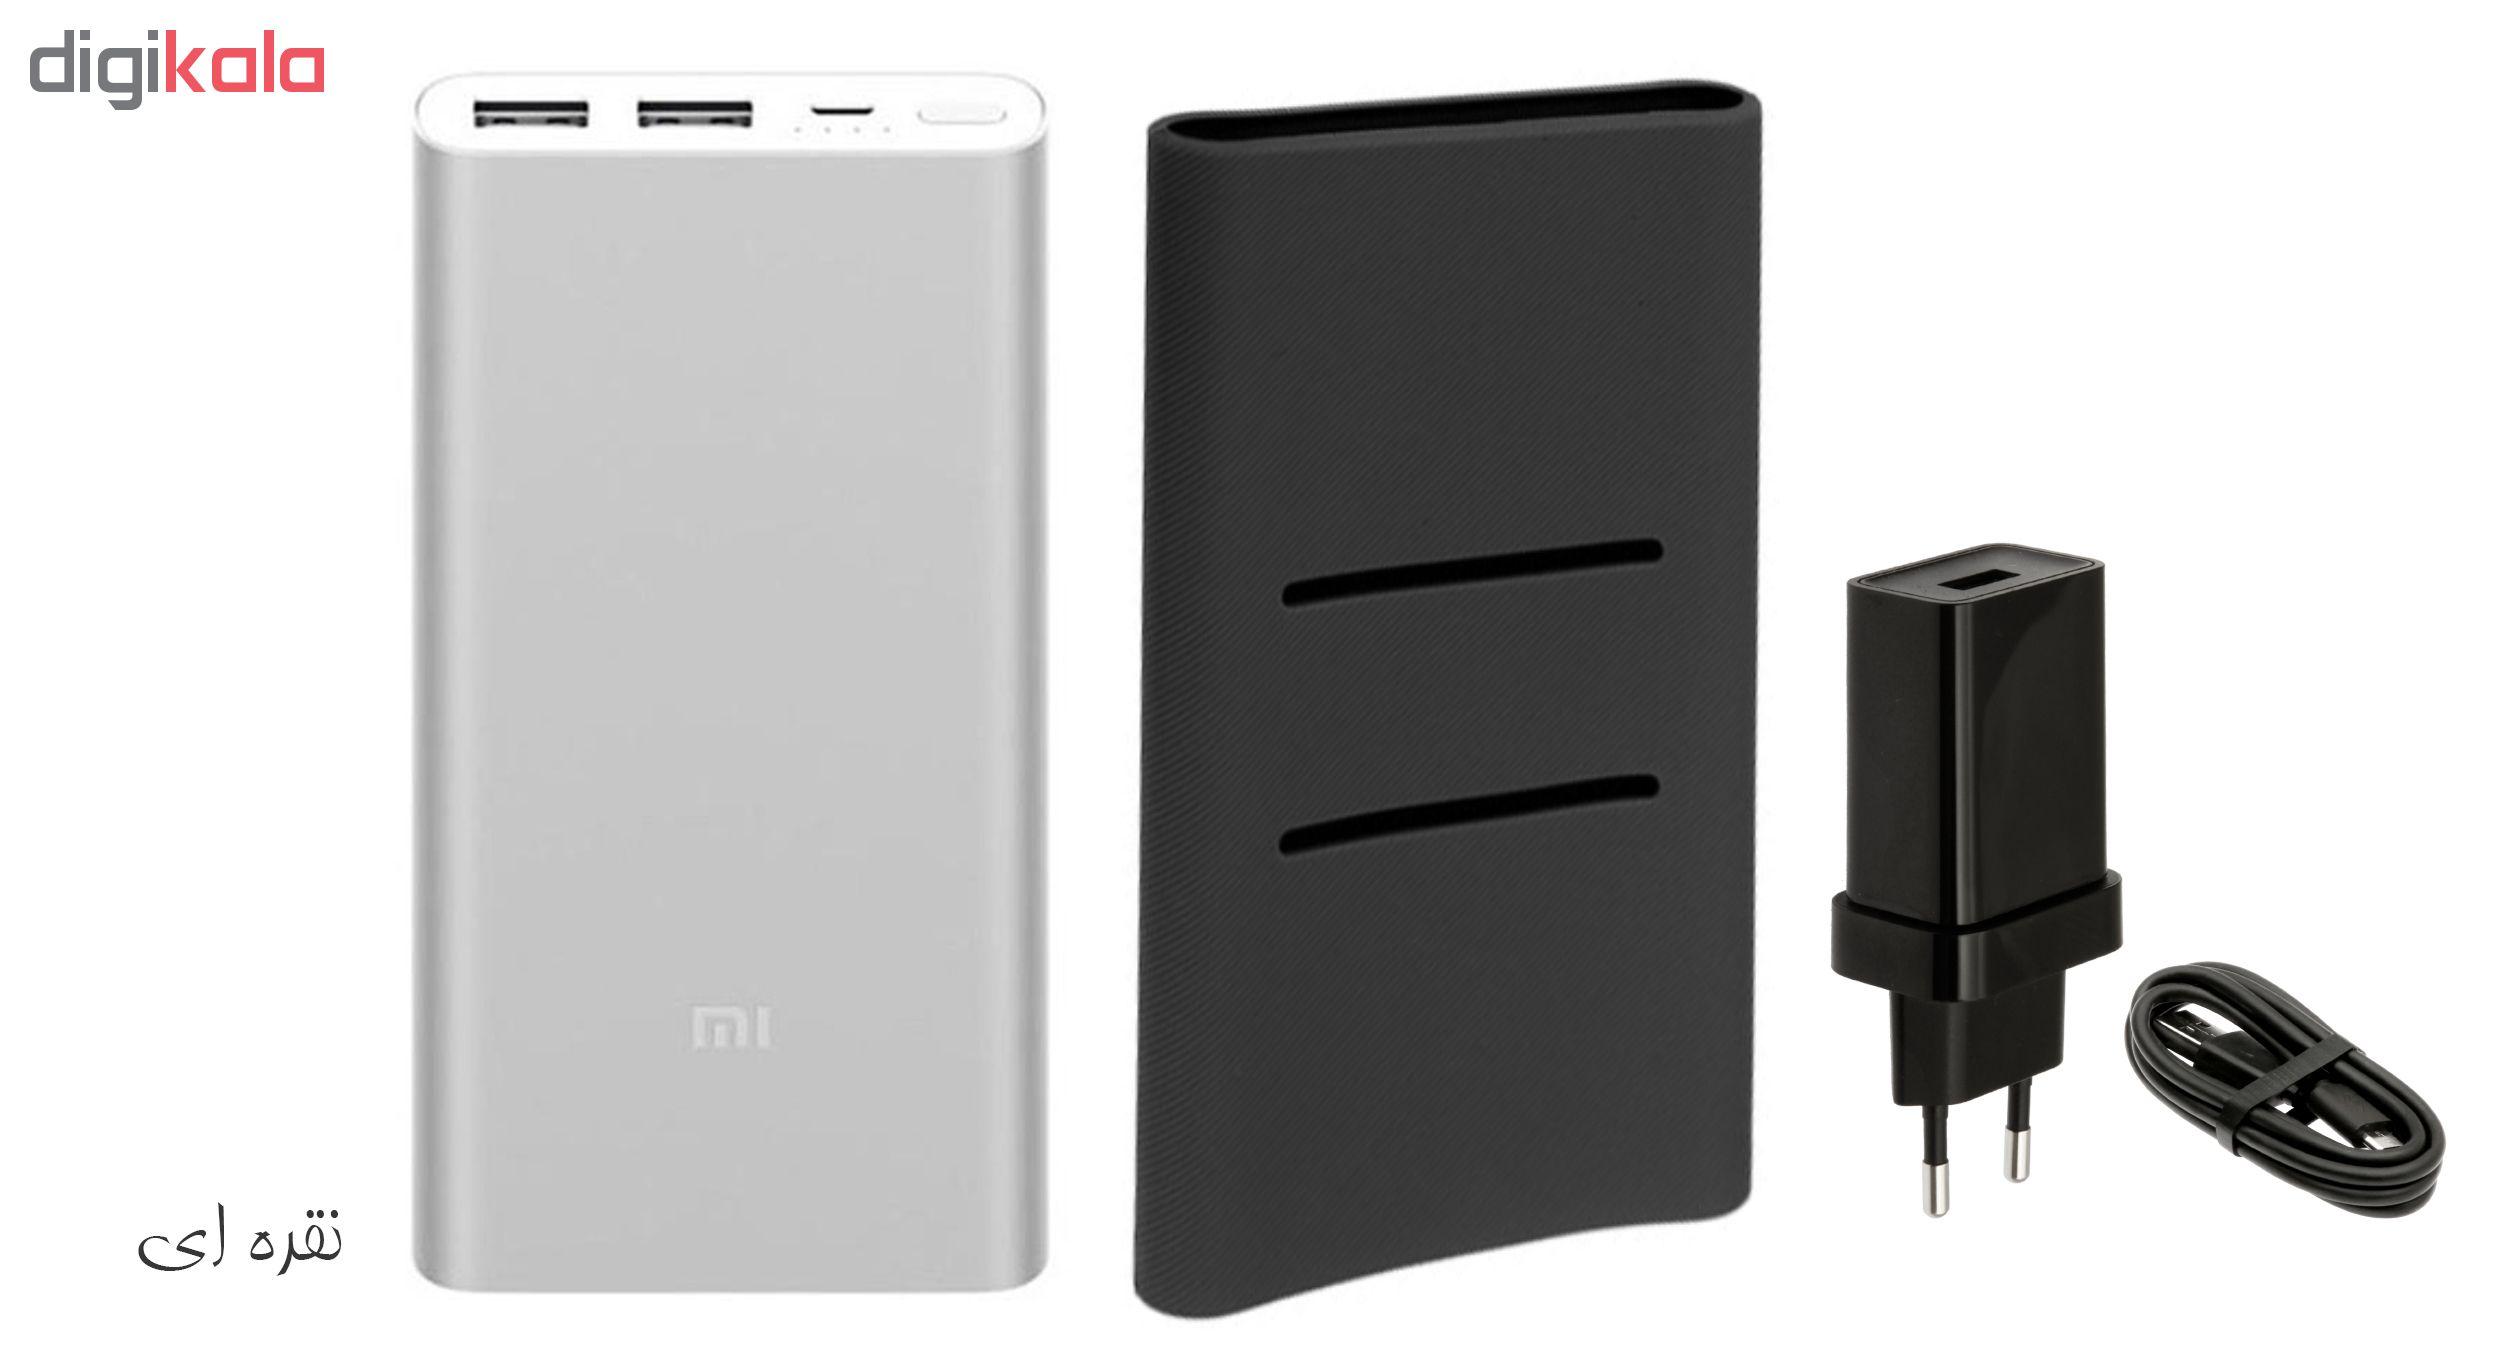 شارژر همراه شیائومی مدل PLM09ZM ظرفیت 10000 میلی آمپر ساعت به همراه کاور سیلیکونی و شارژر دیواری وکابل تبدیل USB به microUSB